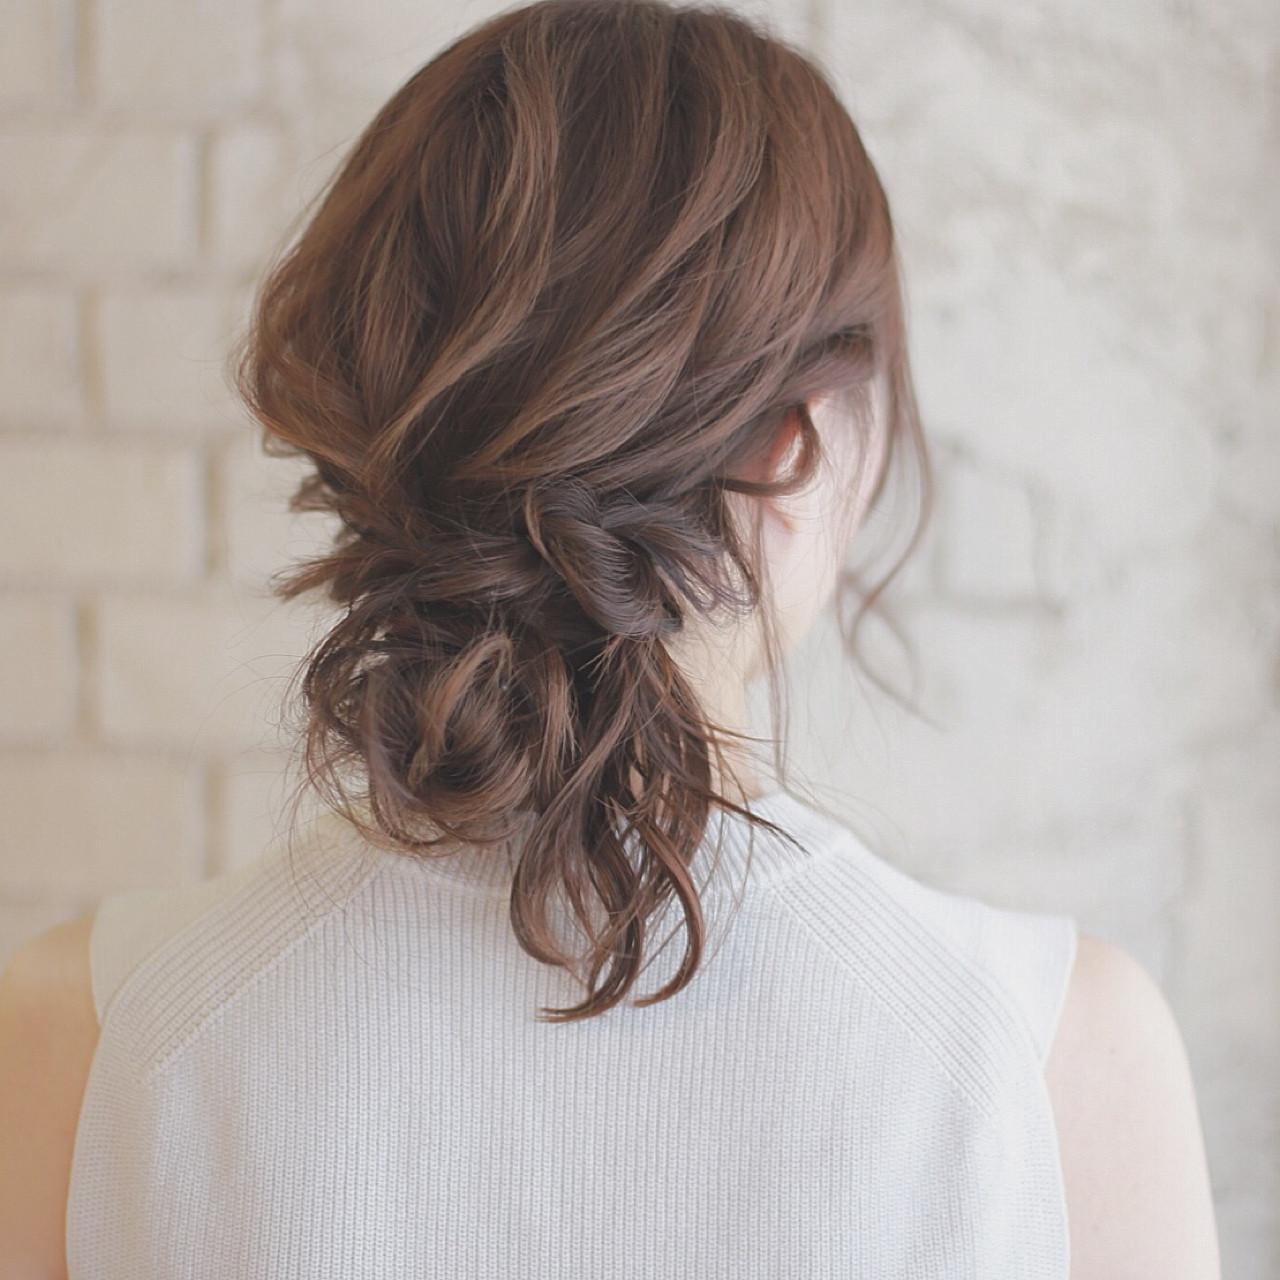 パーティ 簡単ヘアアレンジ ショート 結婚式 ヘアスタイルや髪型の写真・画像 | 廣田哲也 / nalu hair